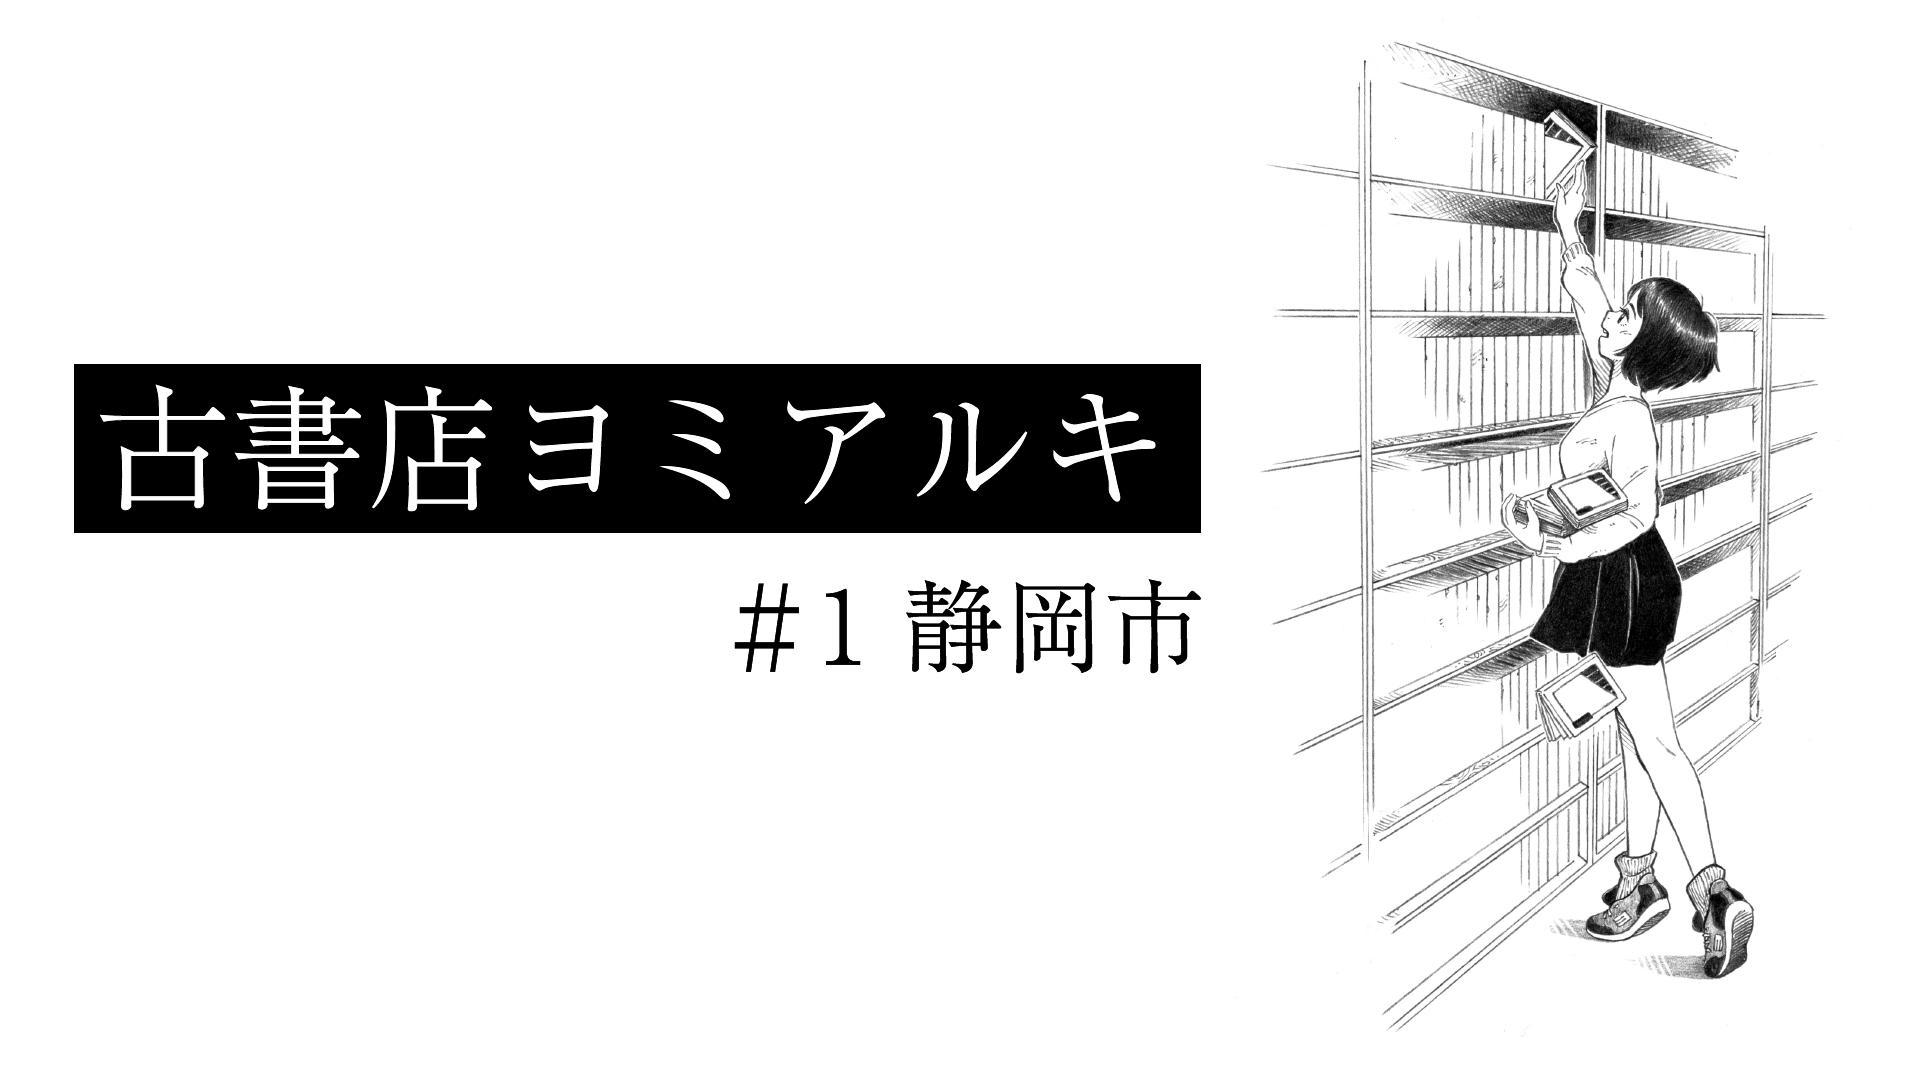 【古書店ヨミアルキ#1】「静岡市」